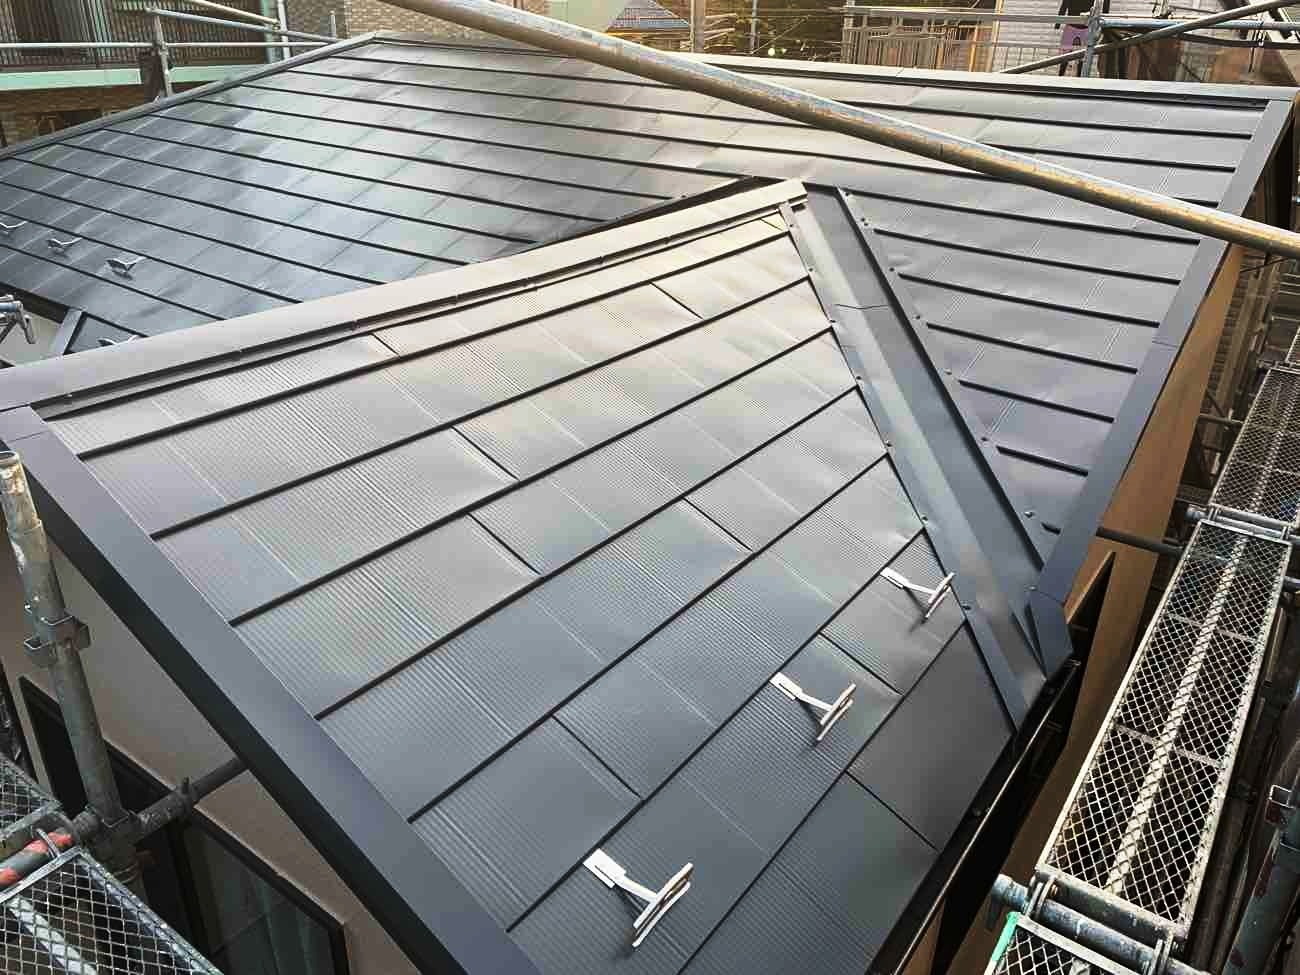 [一覧表付]ガルバリウム鋼板屋根の種類7選と我が家に合った選び方!